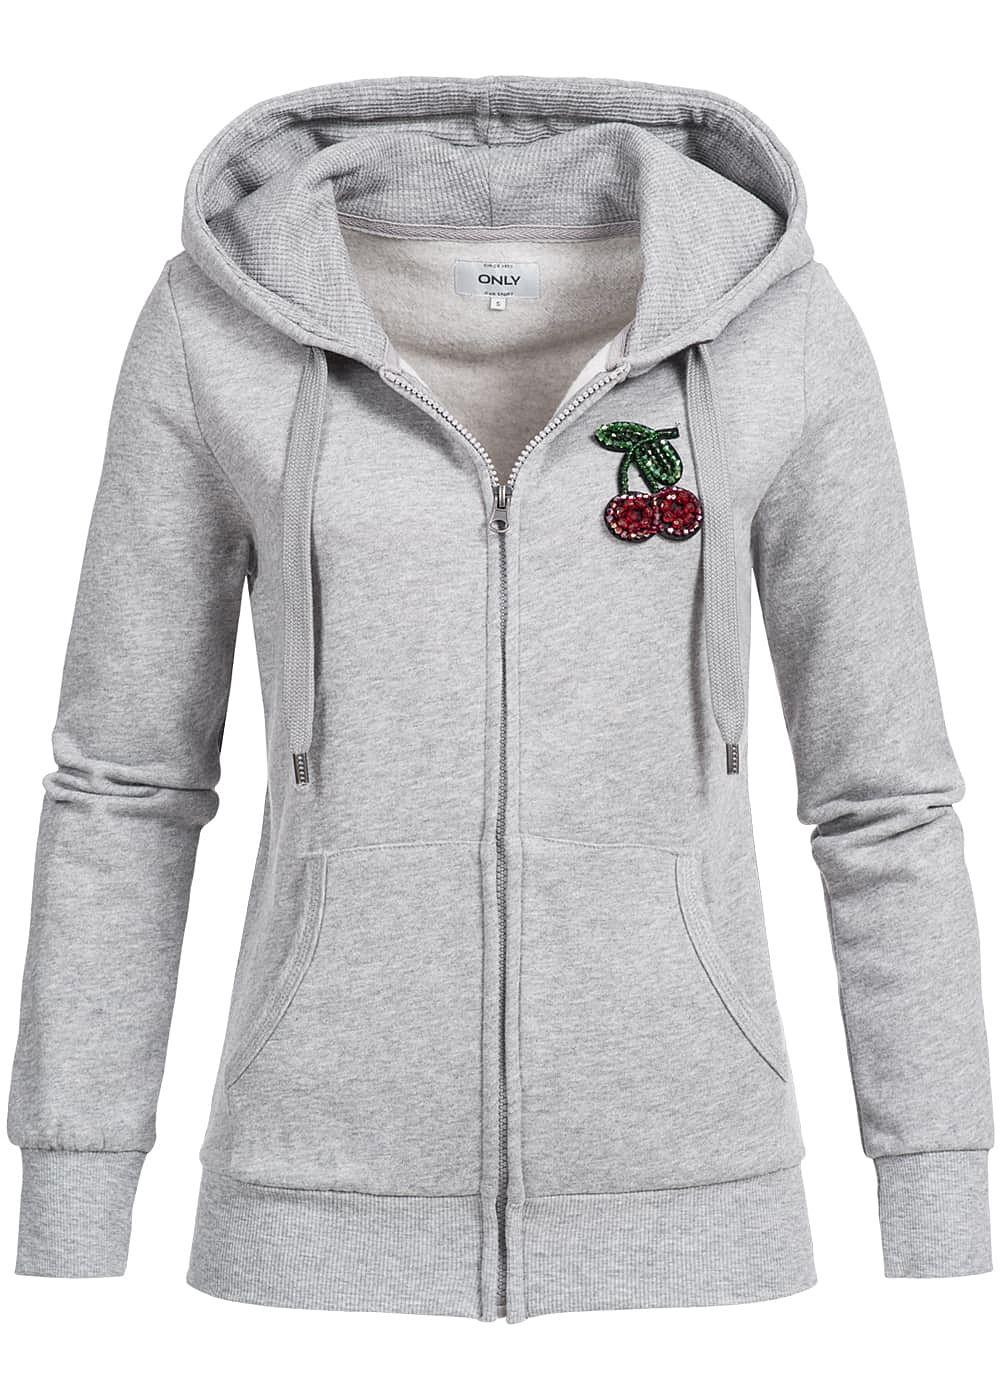 hoodie grau damen adidas originals trefoil logo hoodie kapuzenpullover roxy valley hoodie. Black Bedroom Furniture Sets. Home Design Ideas